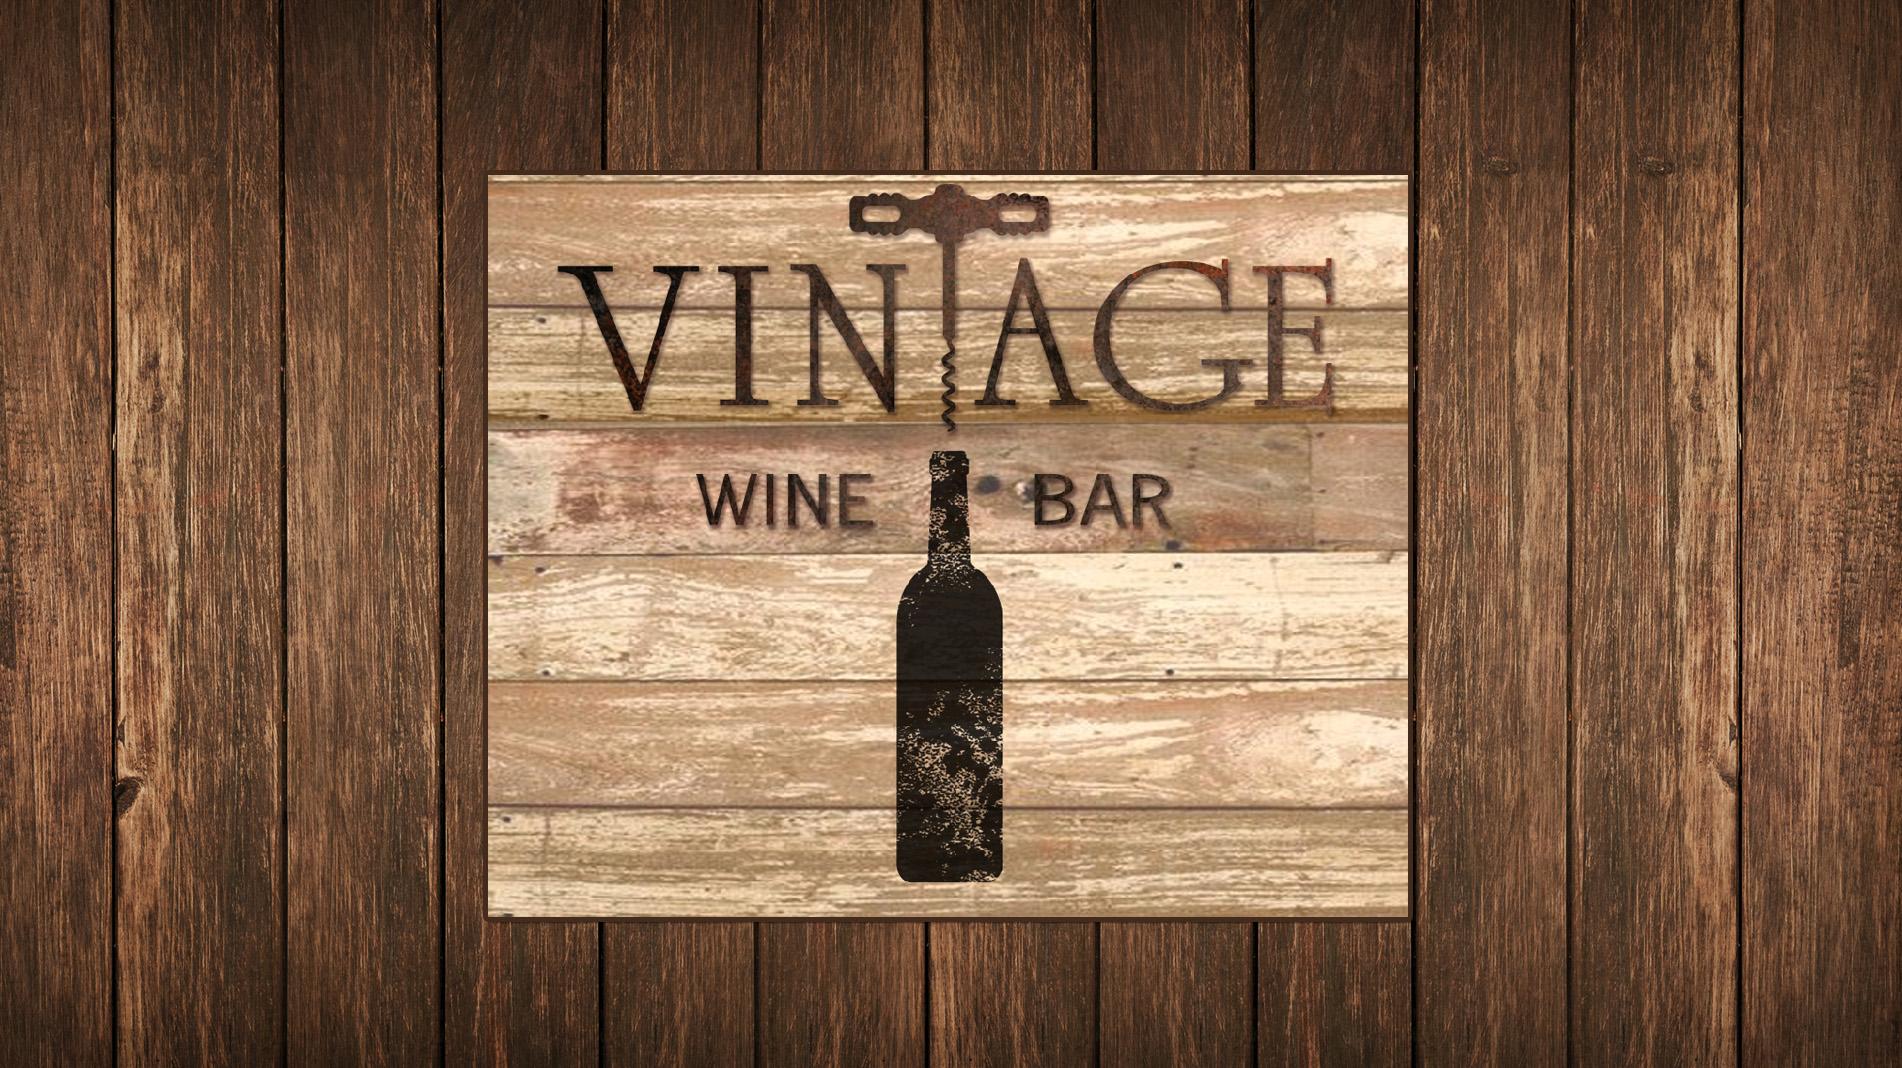 vintagewineWebsite2